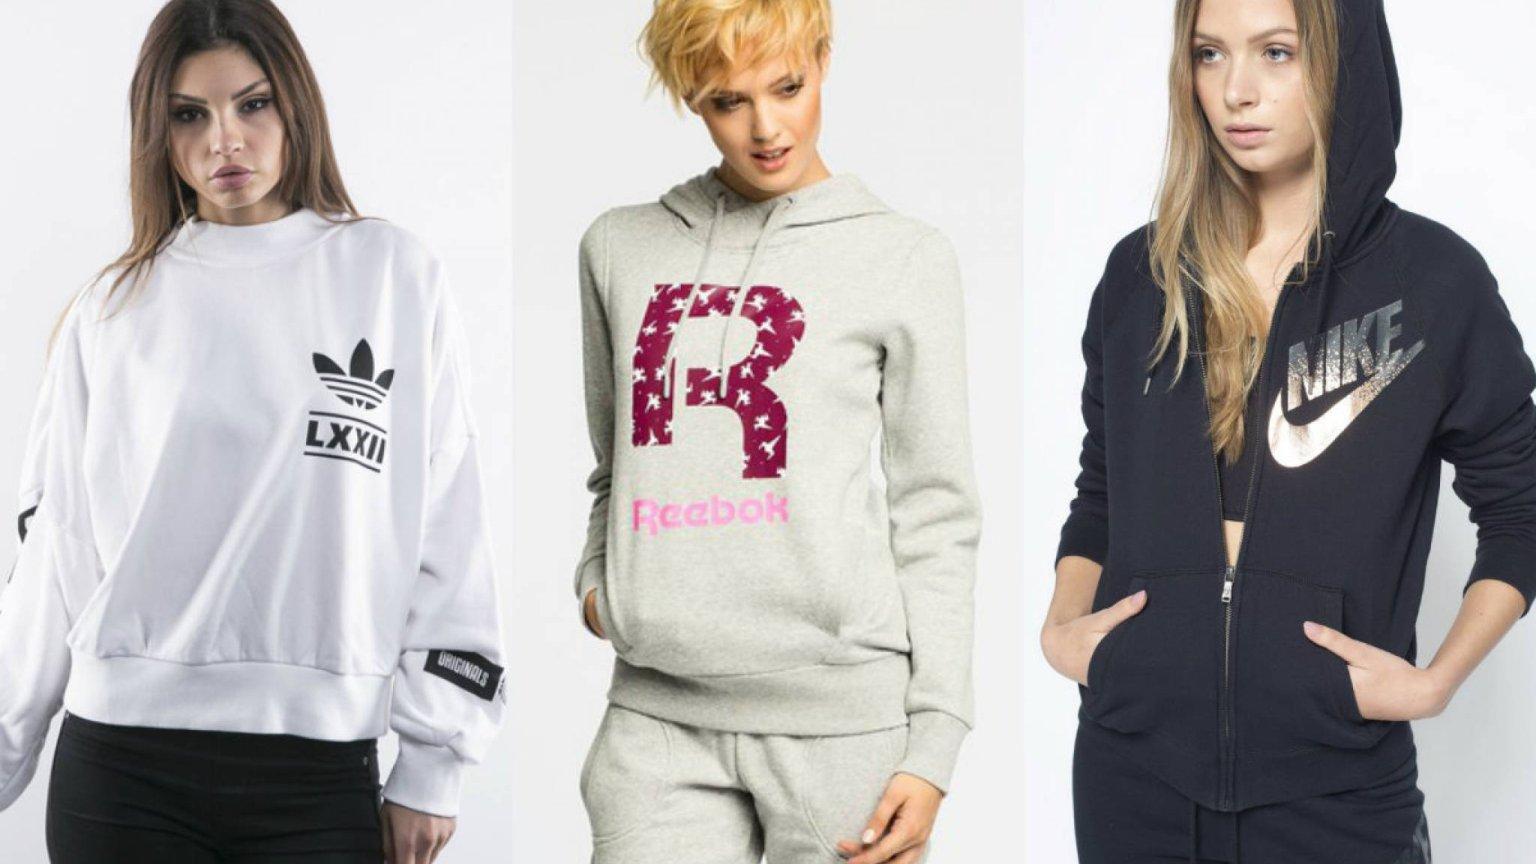 69d8bd938112e4 Bluzy sportowe Adidas, Nike, Reebok - zobacz najciekawsze modele - zdjęcie  nr 2